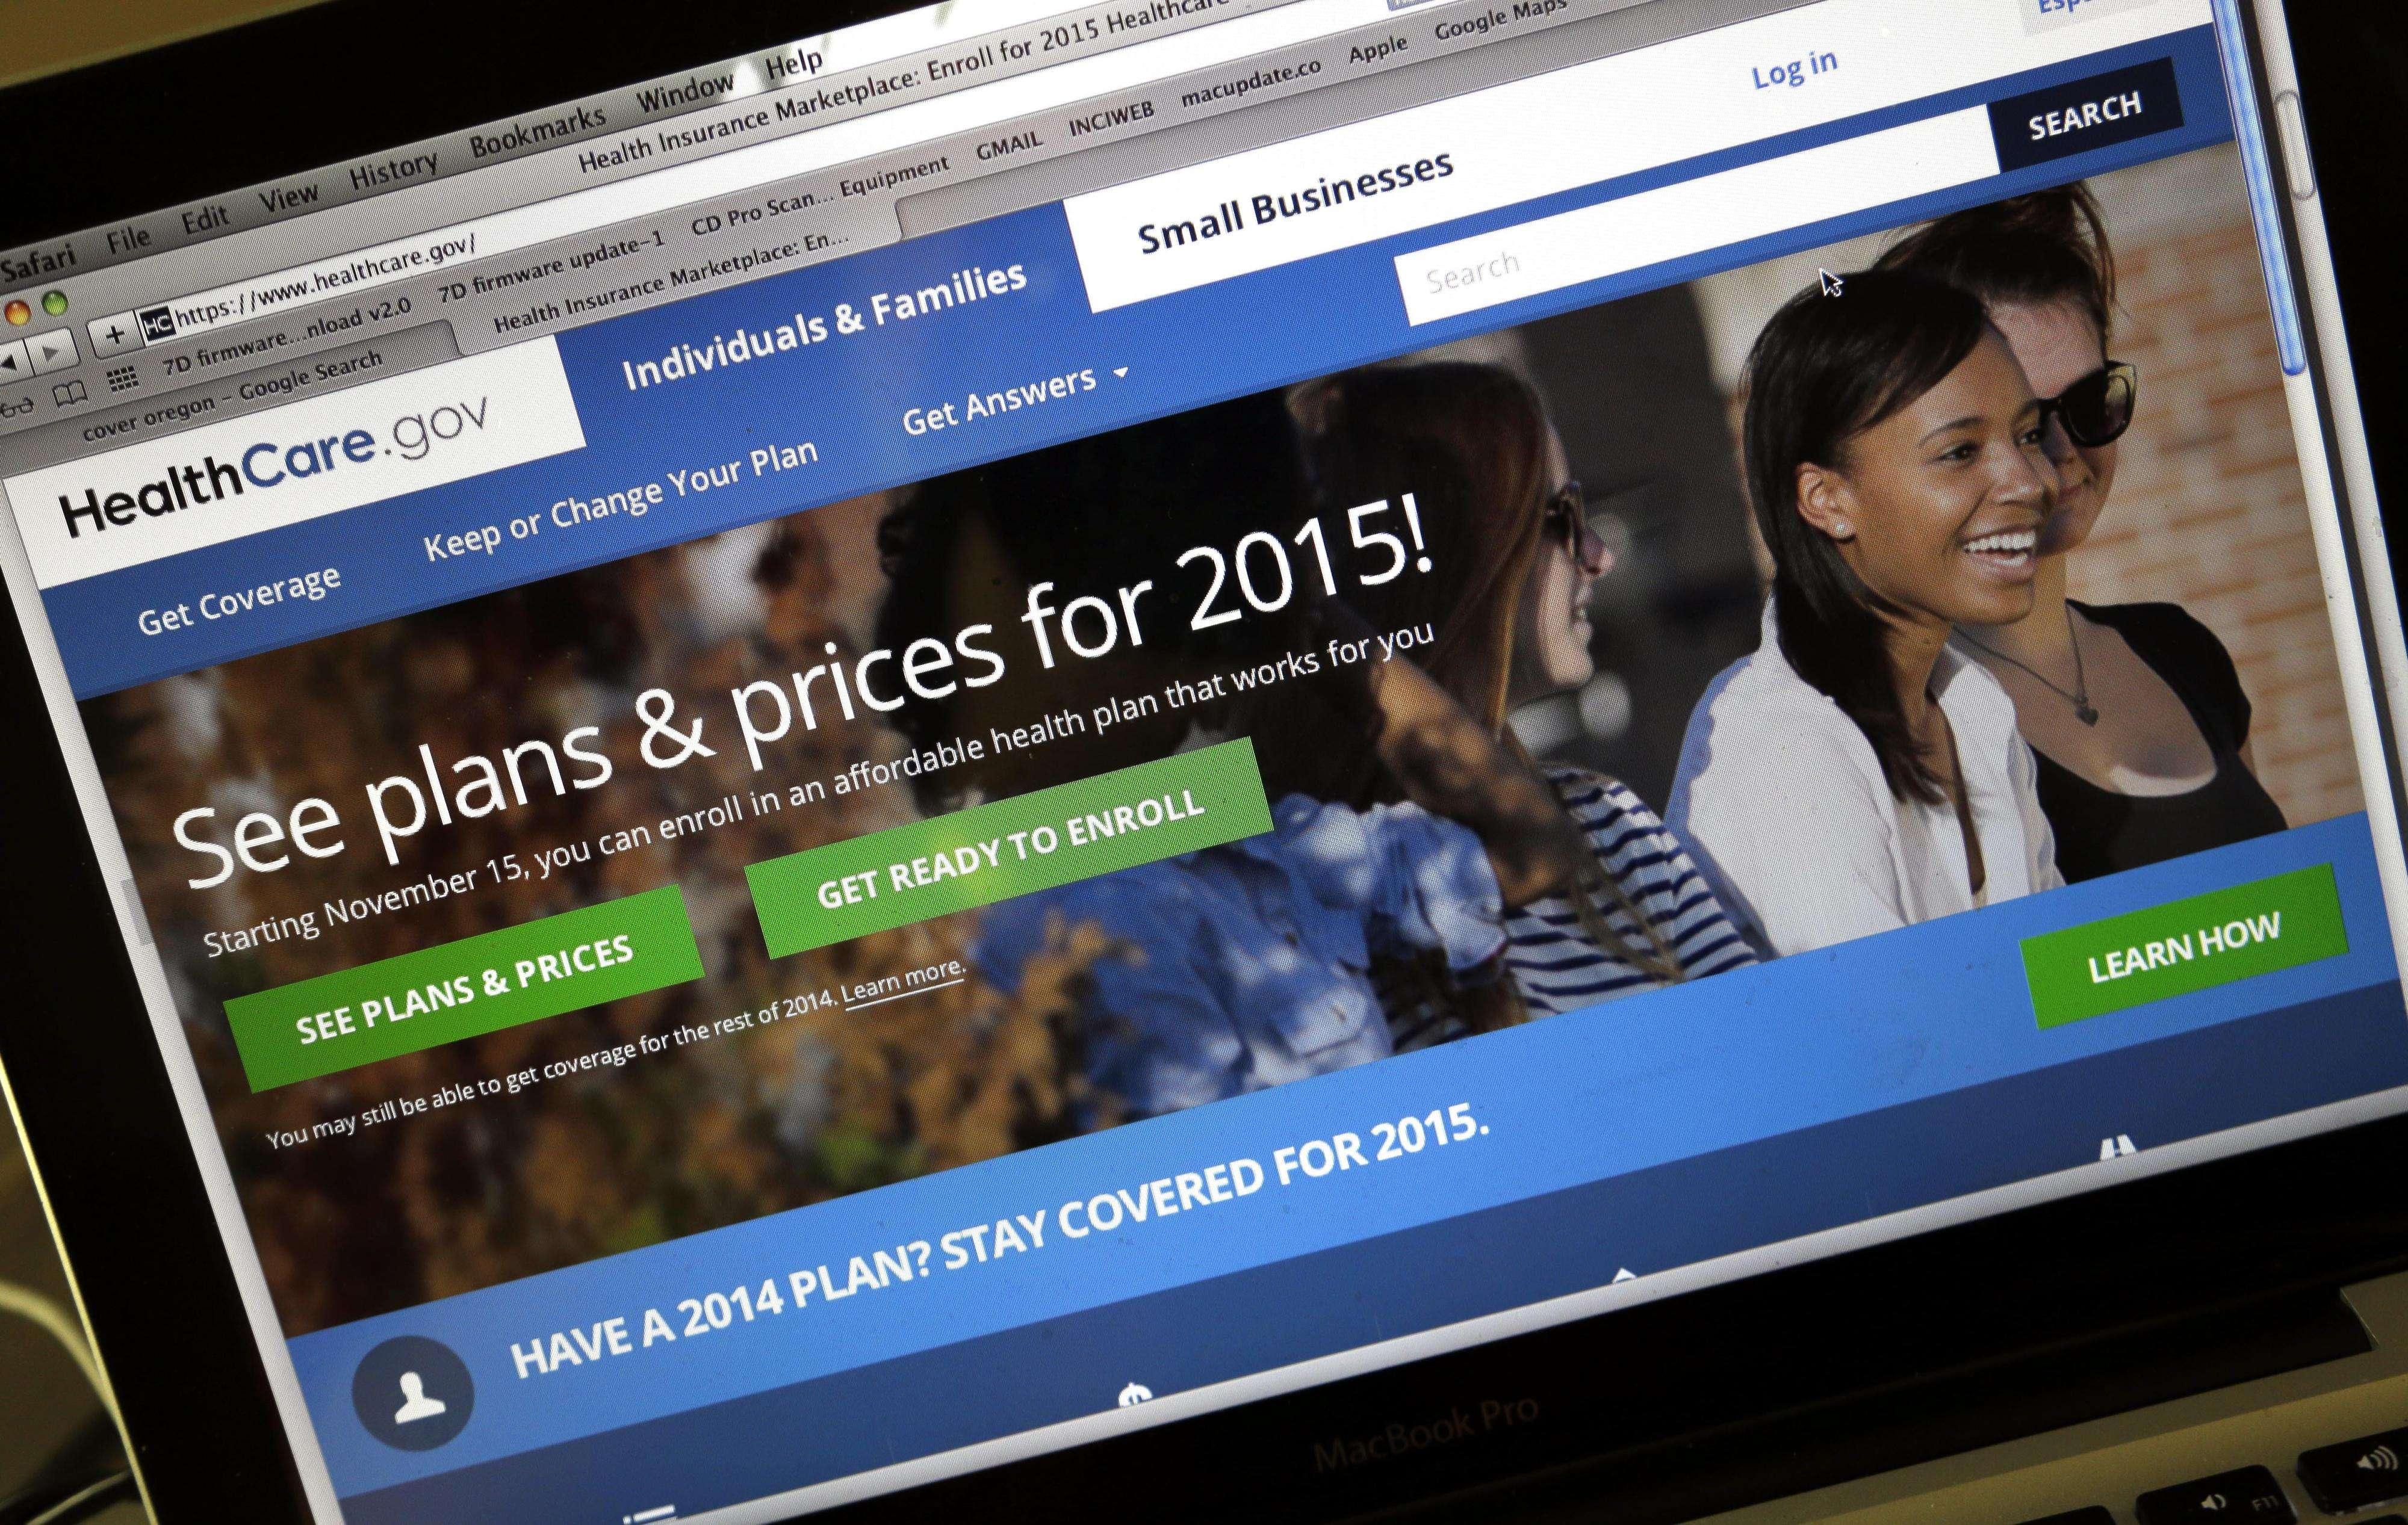 La página de internet HealthCare.gov, donde se puede adquirir el seguro de salud. Foto: AP en español